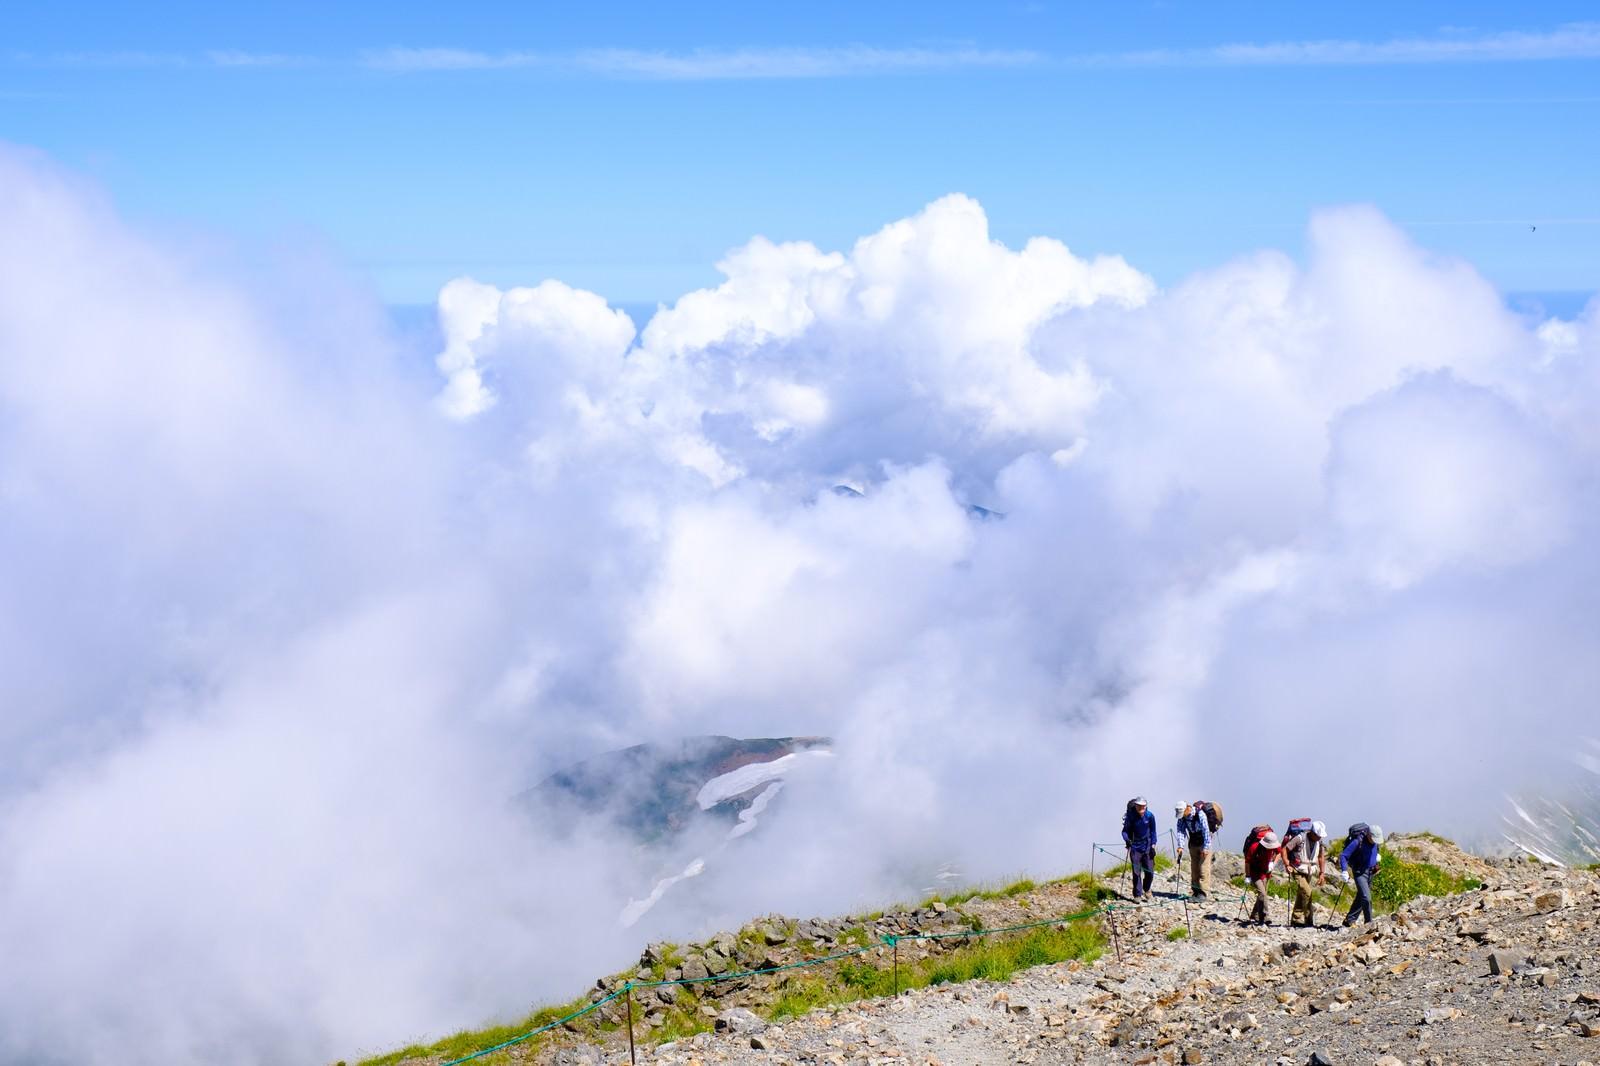 「白馬岳稜線を歩く登山者の後ろに迫る雲」の写真